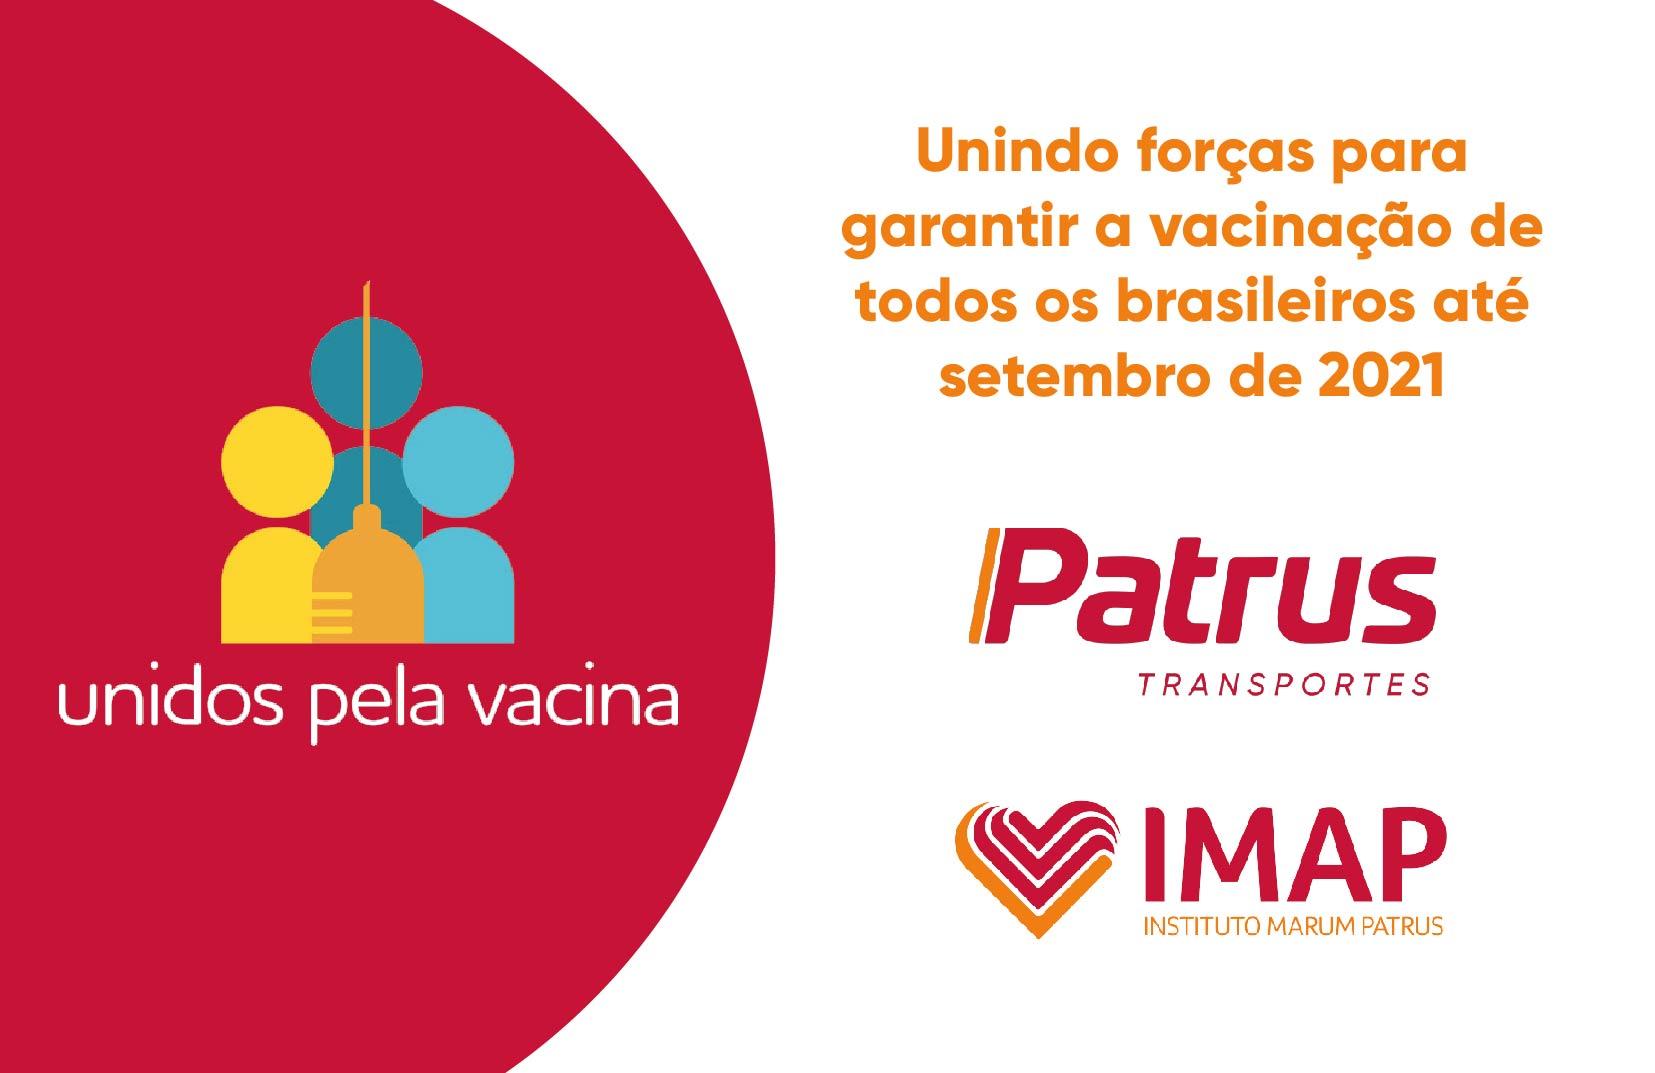 Patrus Transportes e IMAP apoiam o movimento Unidos pela Vacina